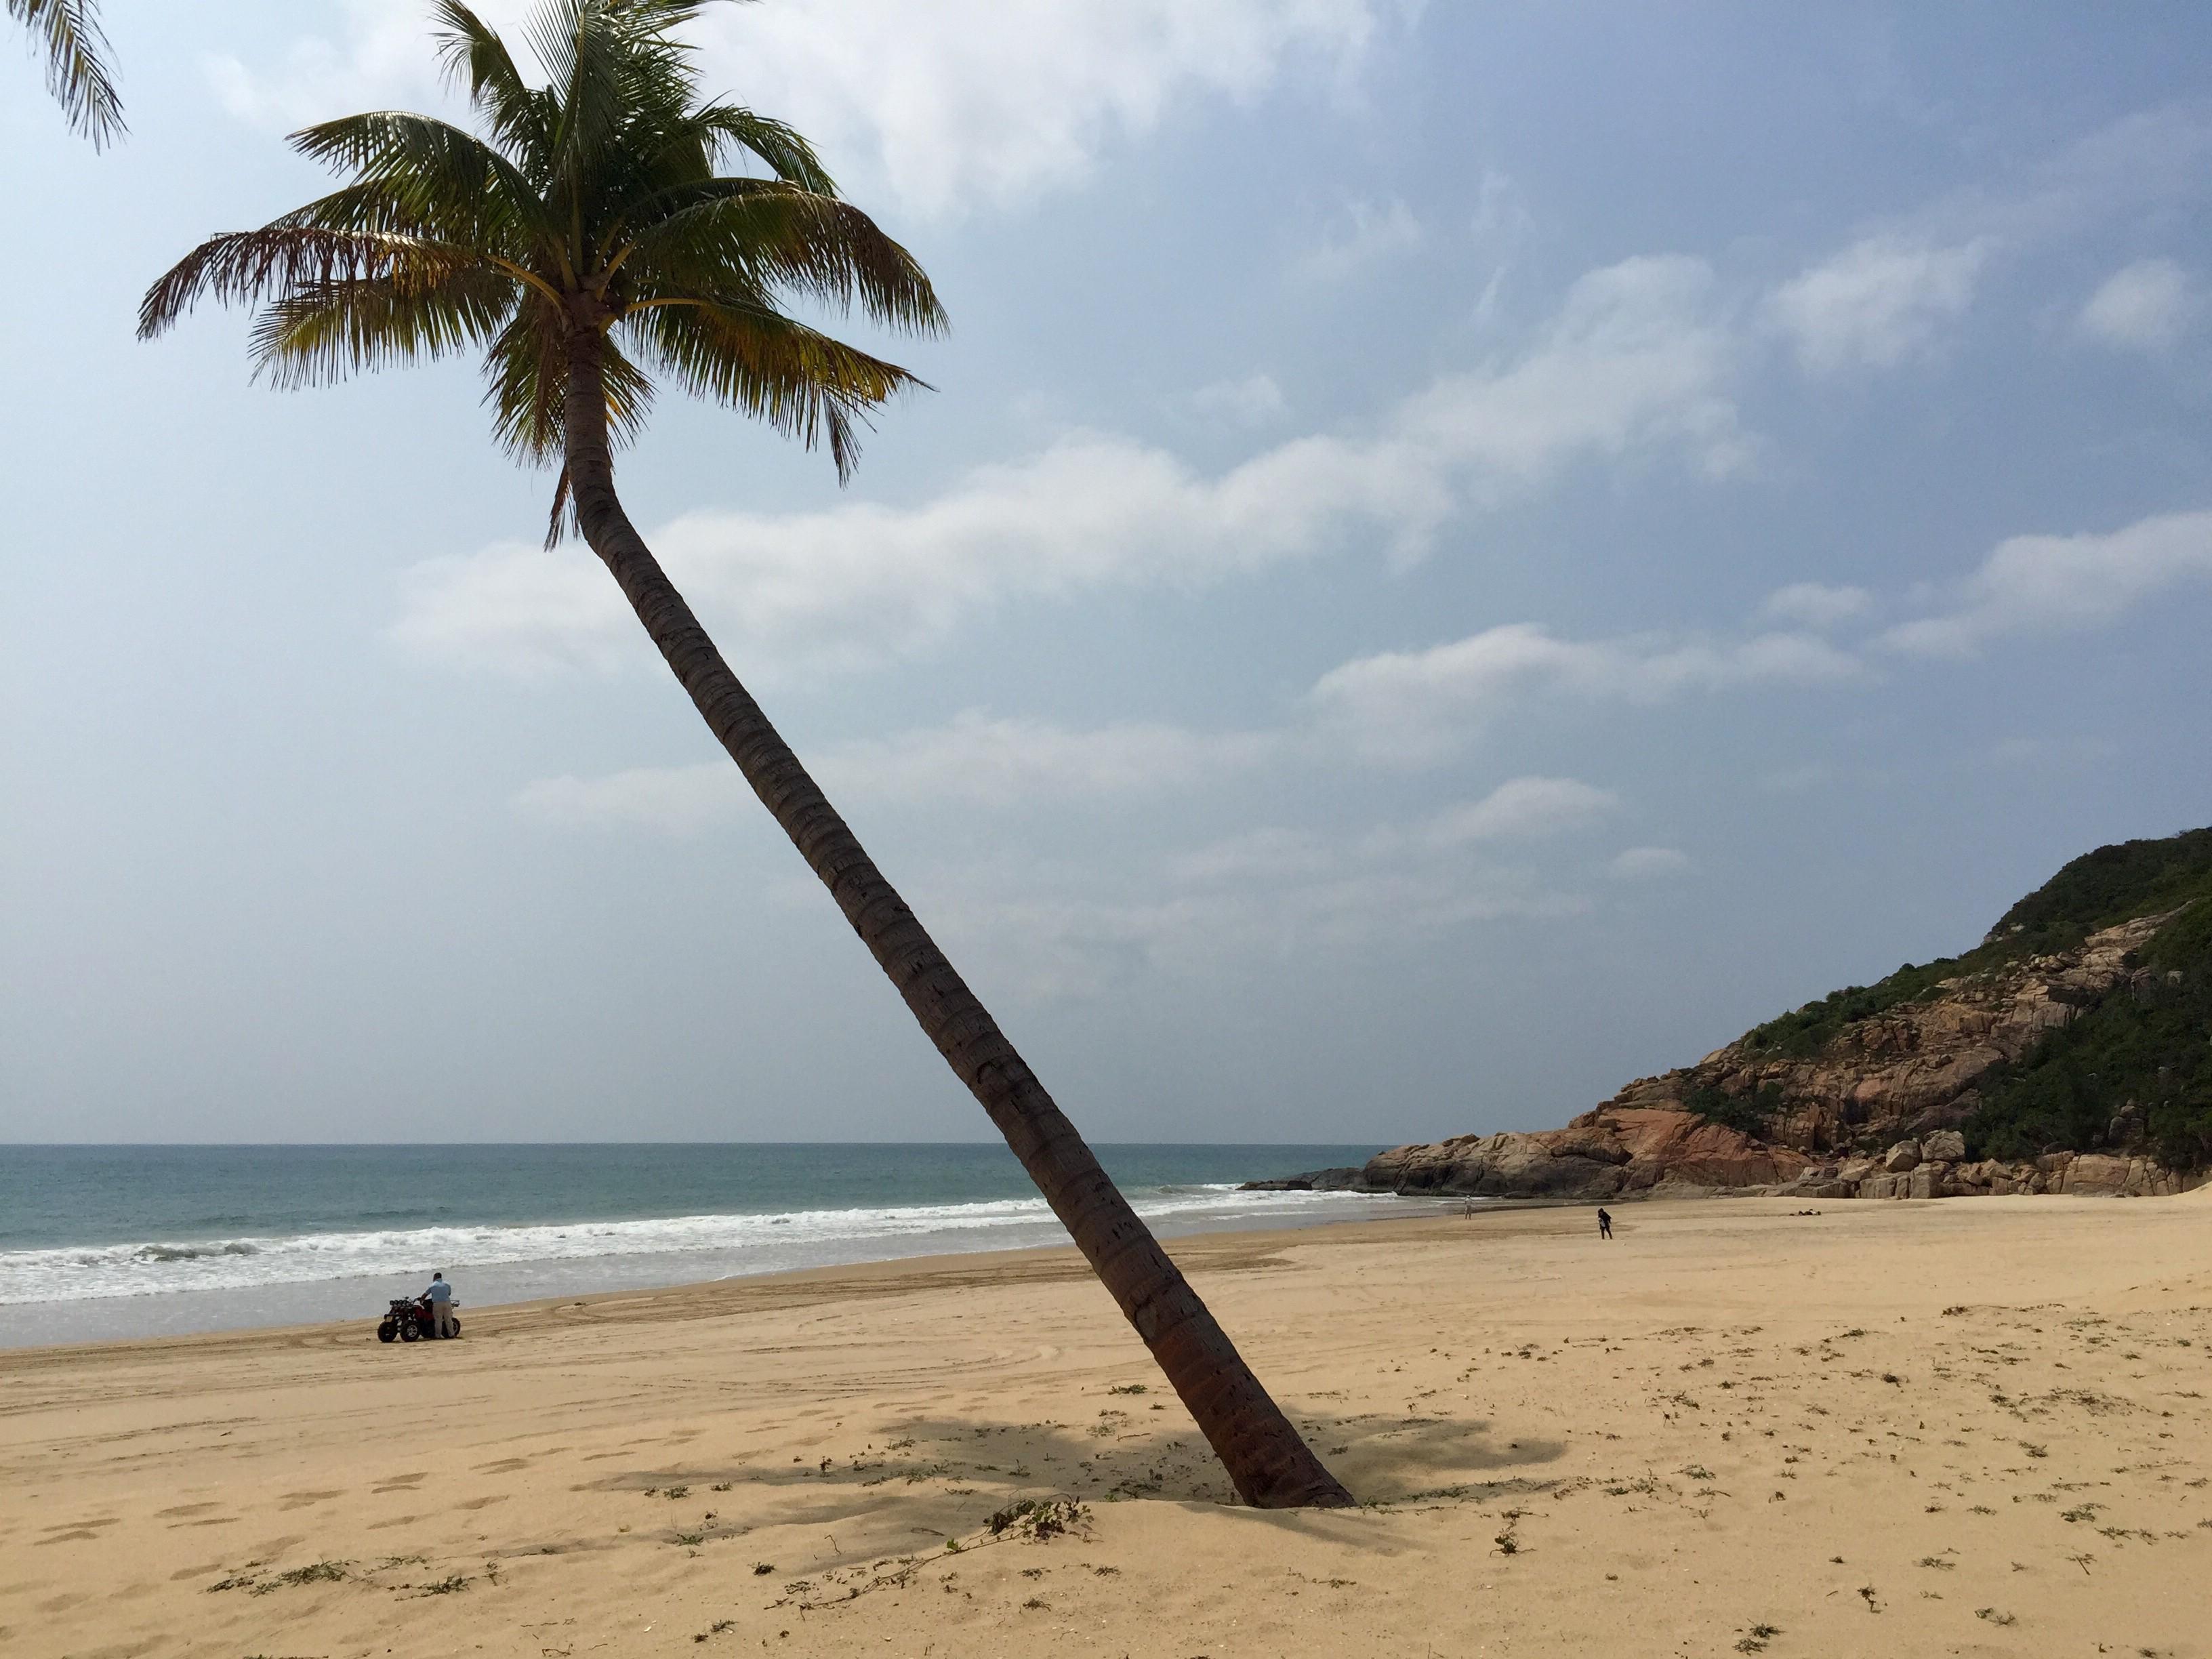 风吹椰树沙沙响